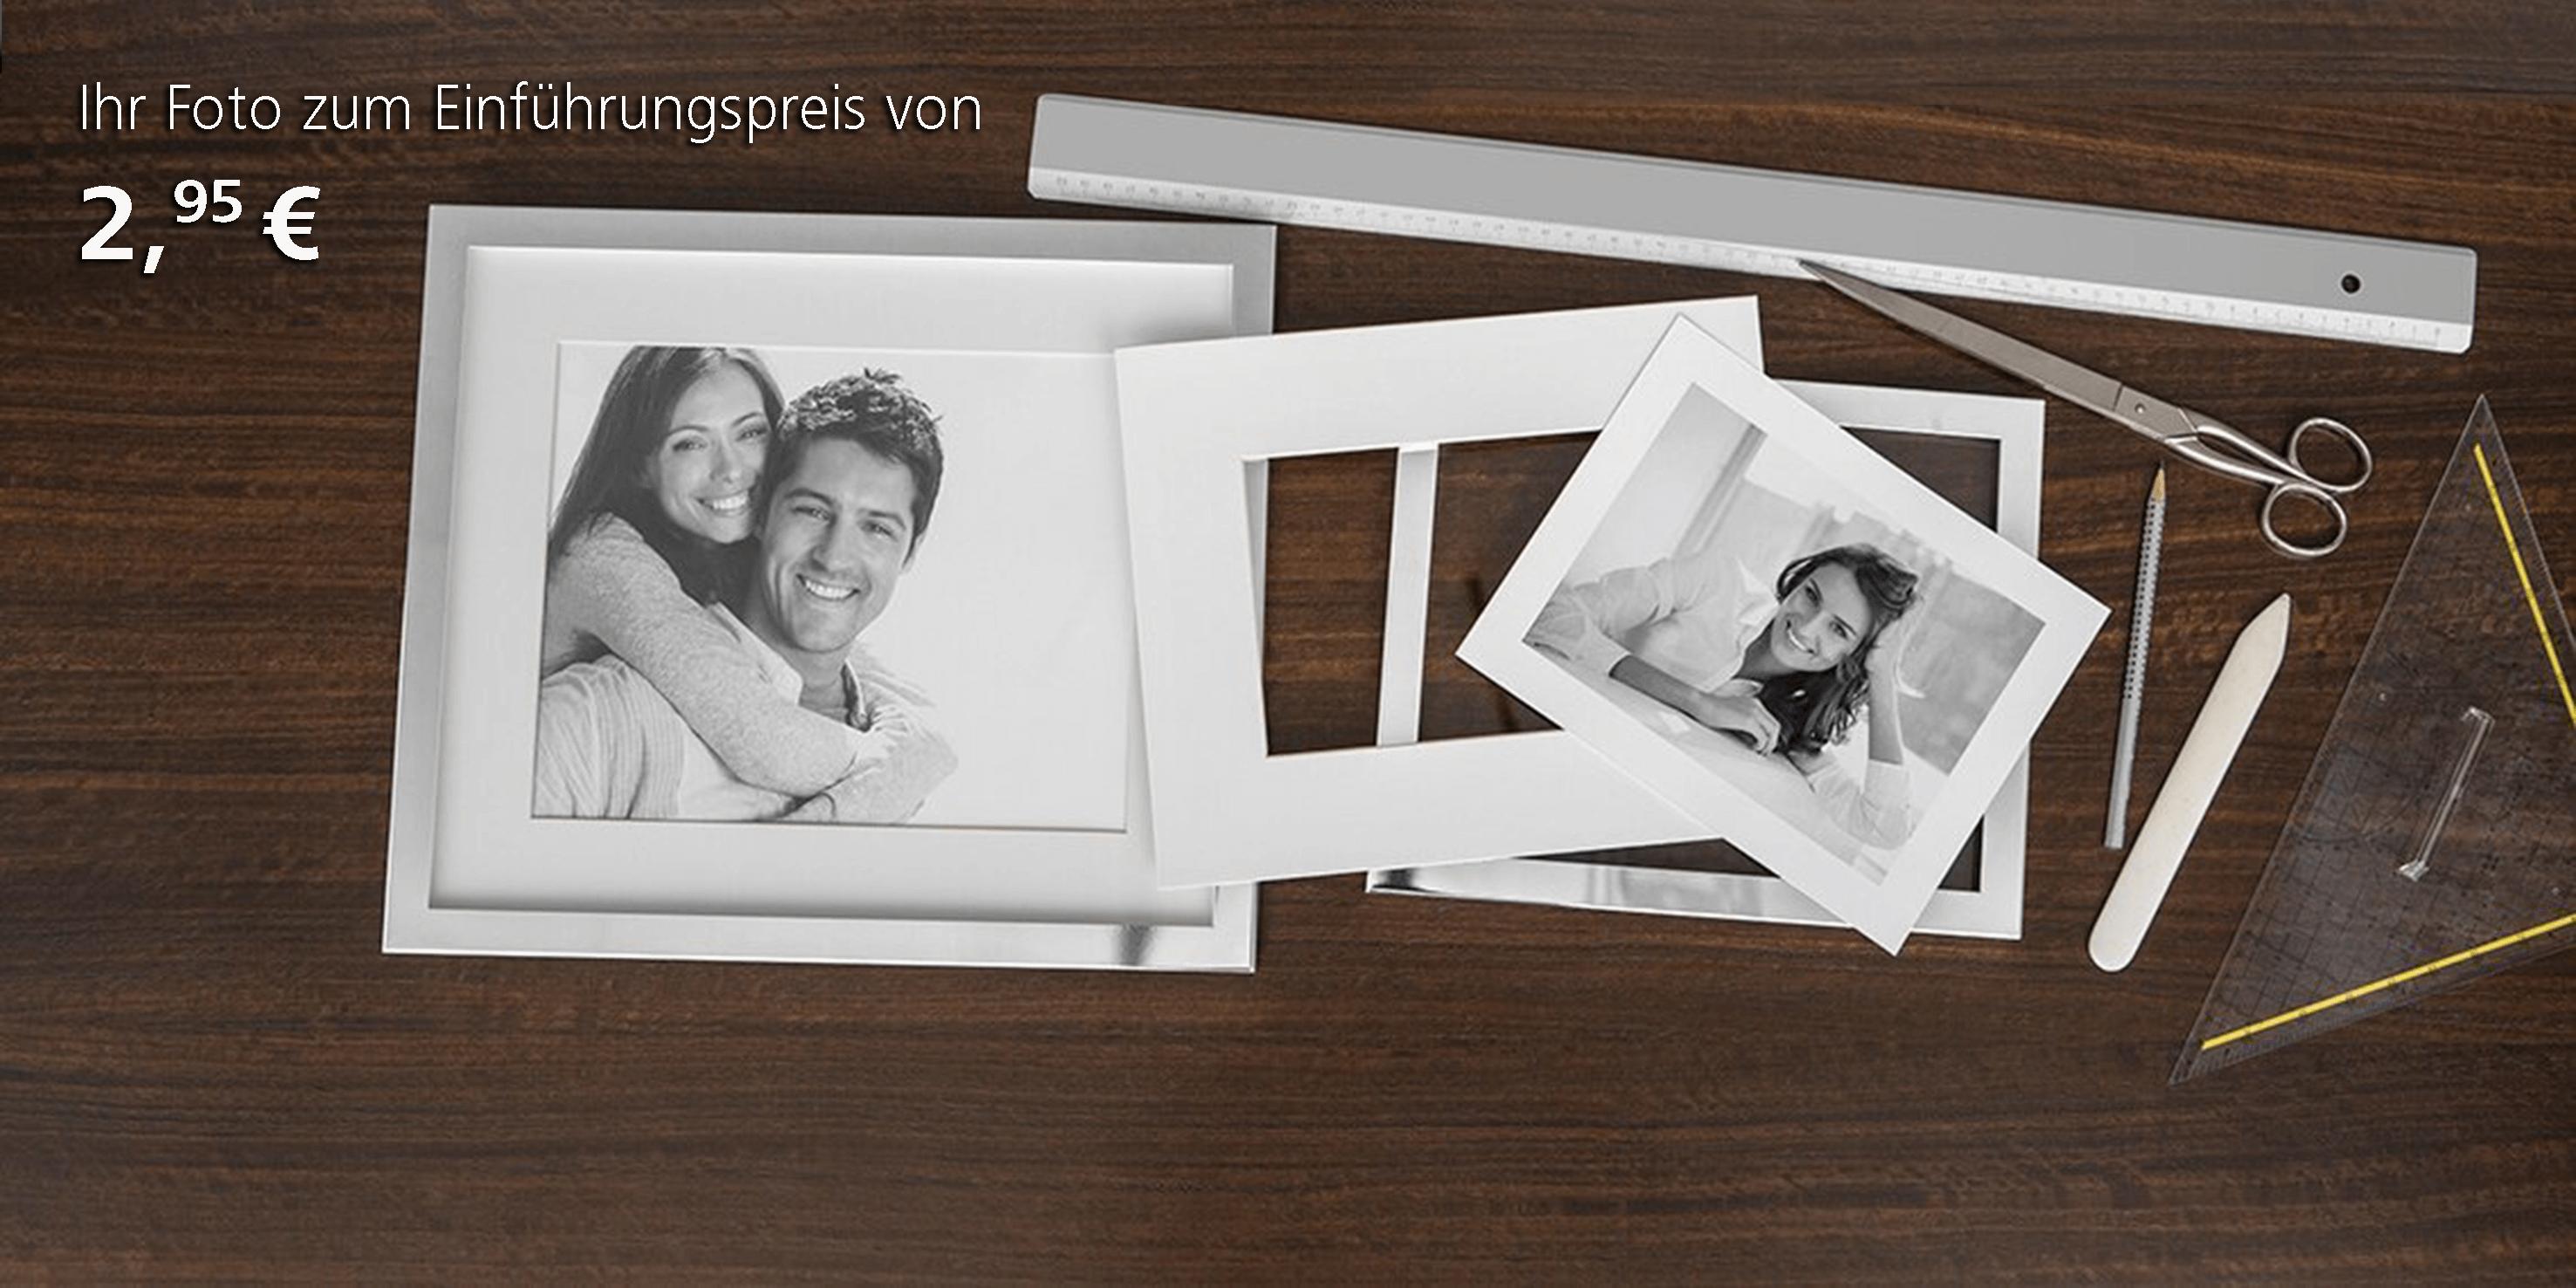 Ihr Bild im Fotorahmen - Das ideale Geschenk -  Neu! Ihr Lieblingsbild im Fotorahmen Ihrer Wahl